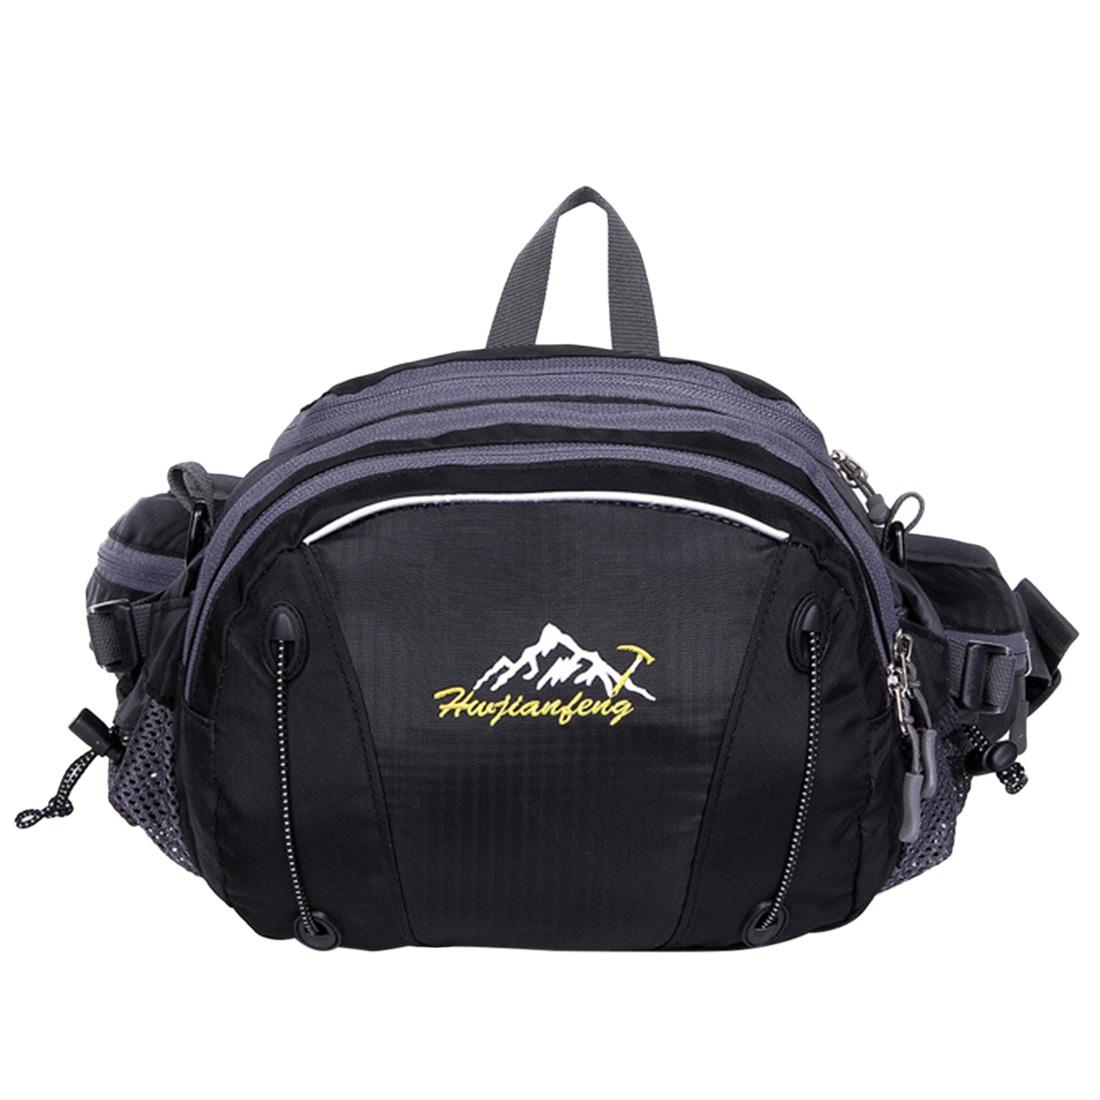 [해외]방수 패브릭 대용량 등산 러닝 등산 가방 허리 팩 사이클링 다기능 허리 가방 - 검정/Waterproof Fabric Large-capacity Mountaineering Running Climbing Bag Waist Packs Cycling Multifunc